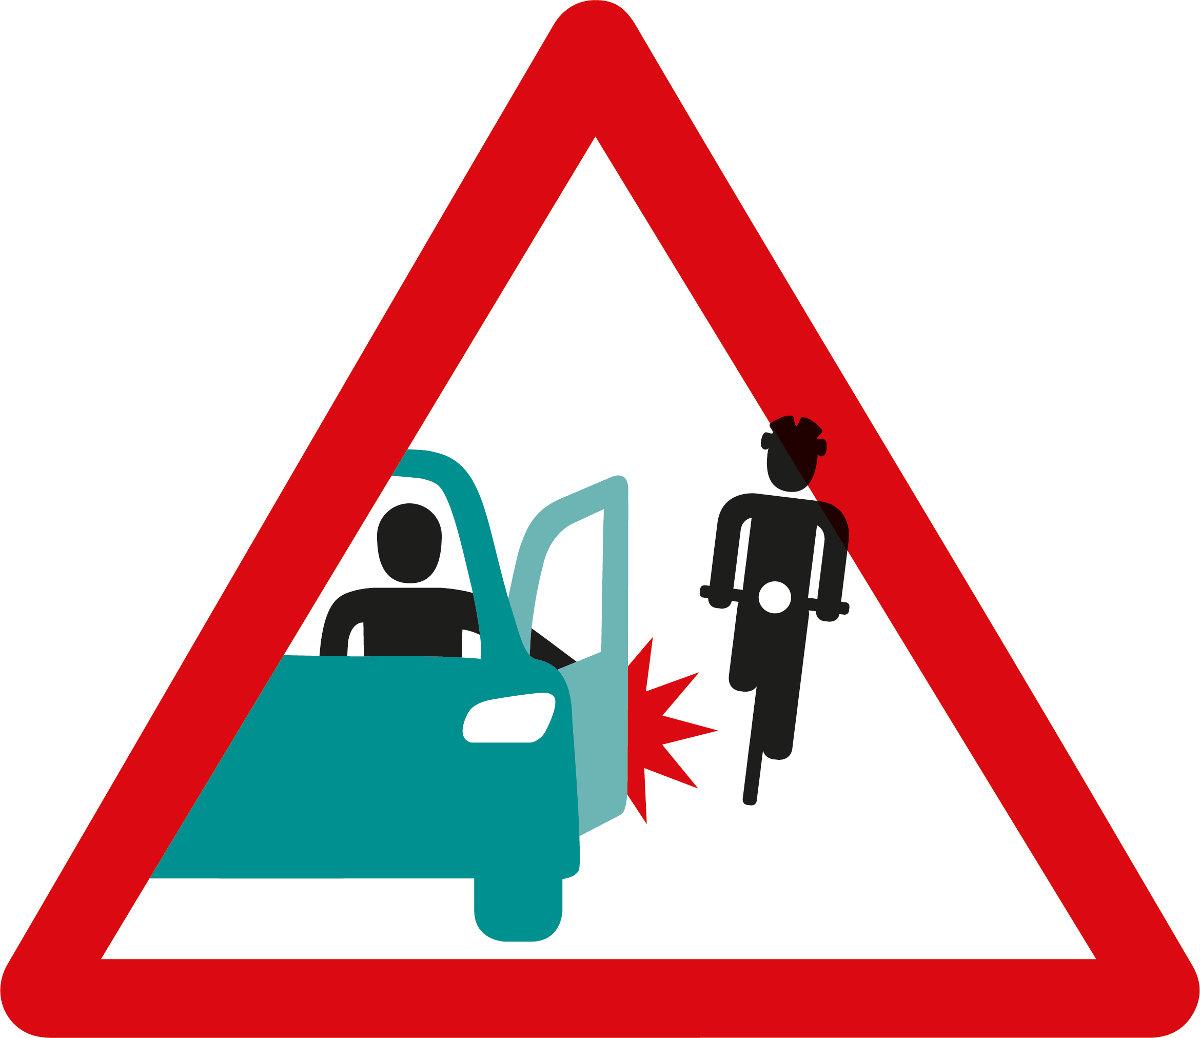 Dooring: Achtung Autotüre kann zu Velounfall führen.